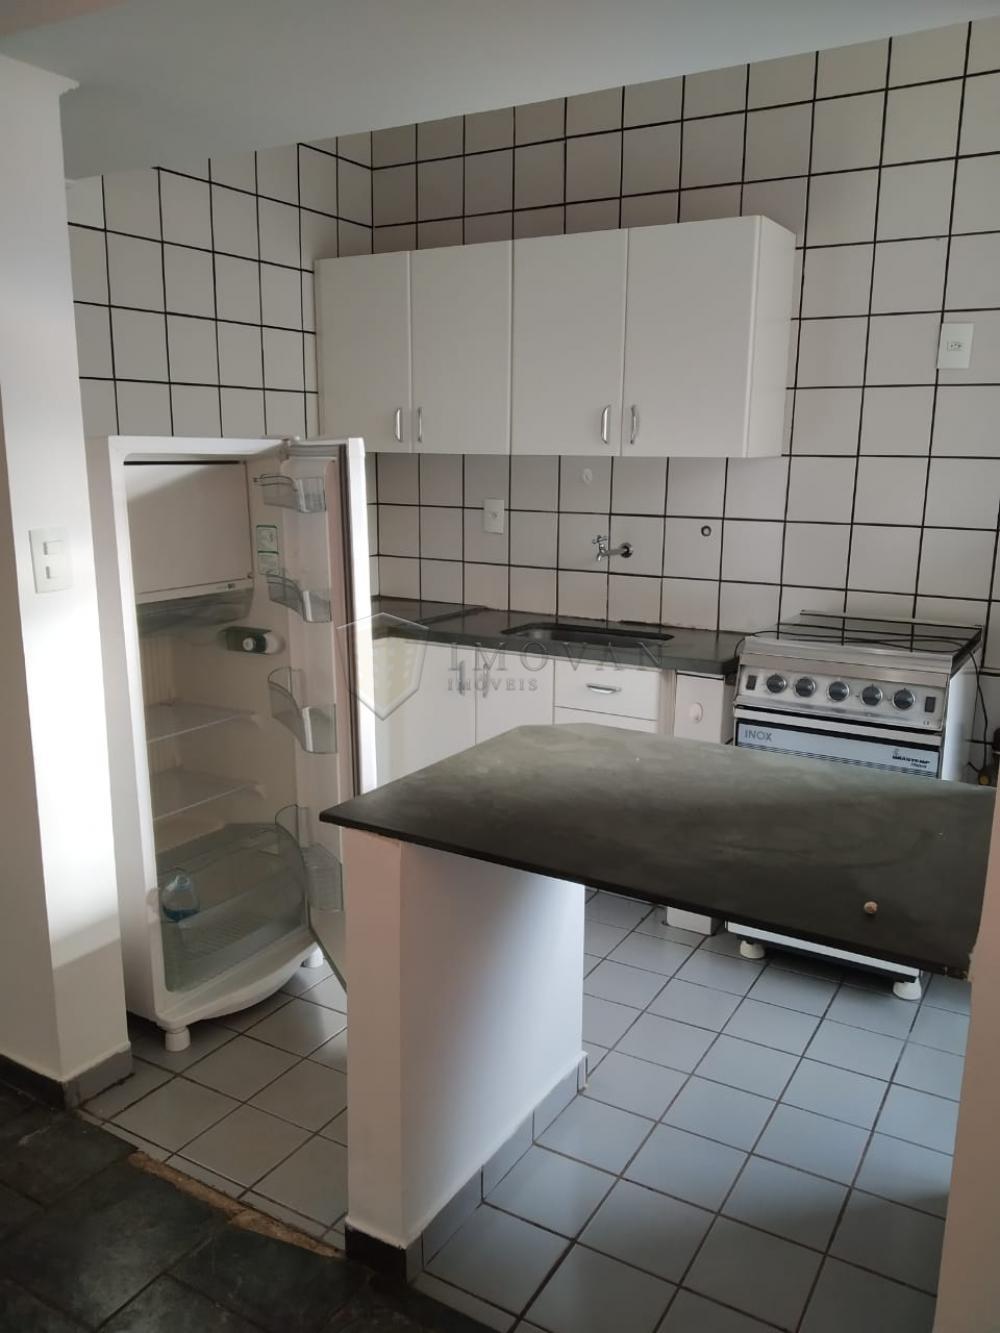 Comprar Apartamento / Padrão em Ribeirão Preto R$ 115.000,00 - Foto 6